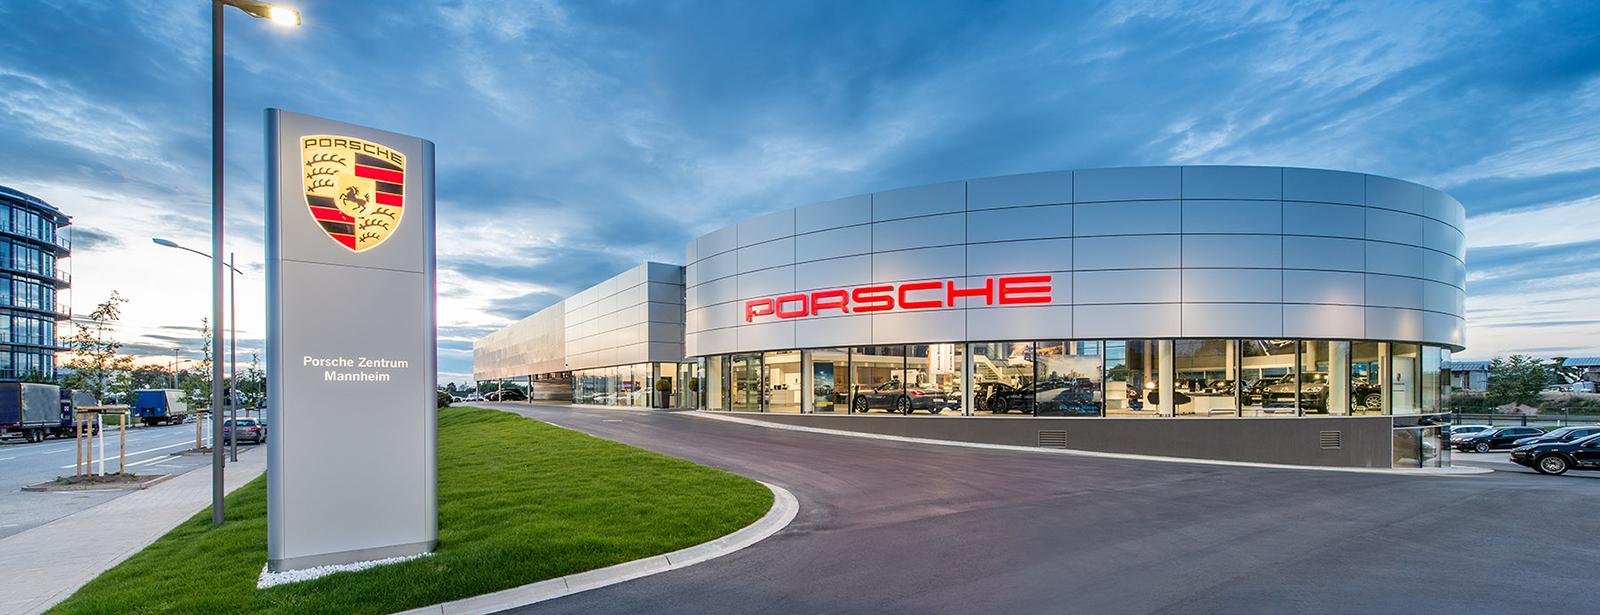 Porsche zentrum mannheim herzlich wilkommen im porsche for Garage europe auto center fresnes